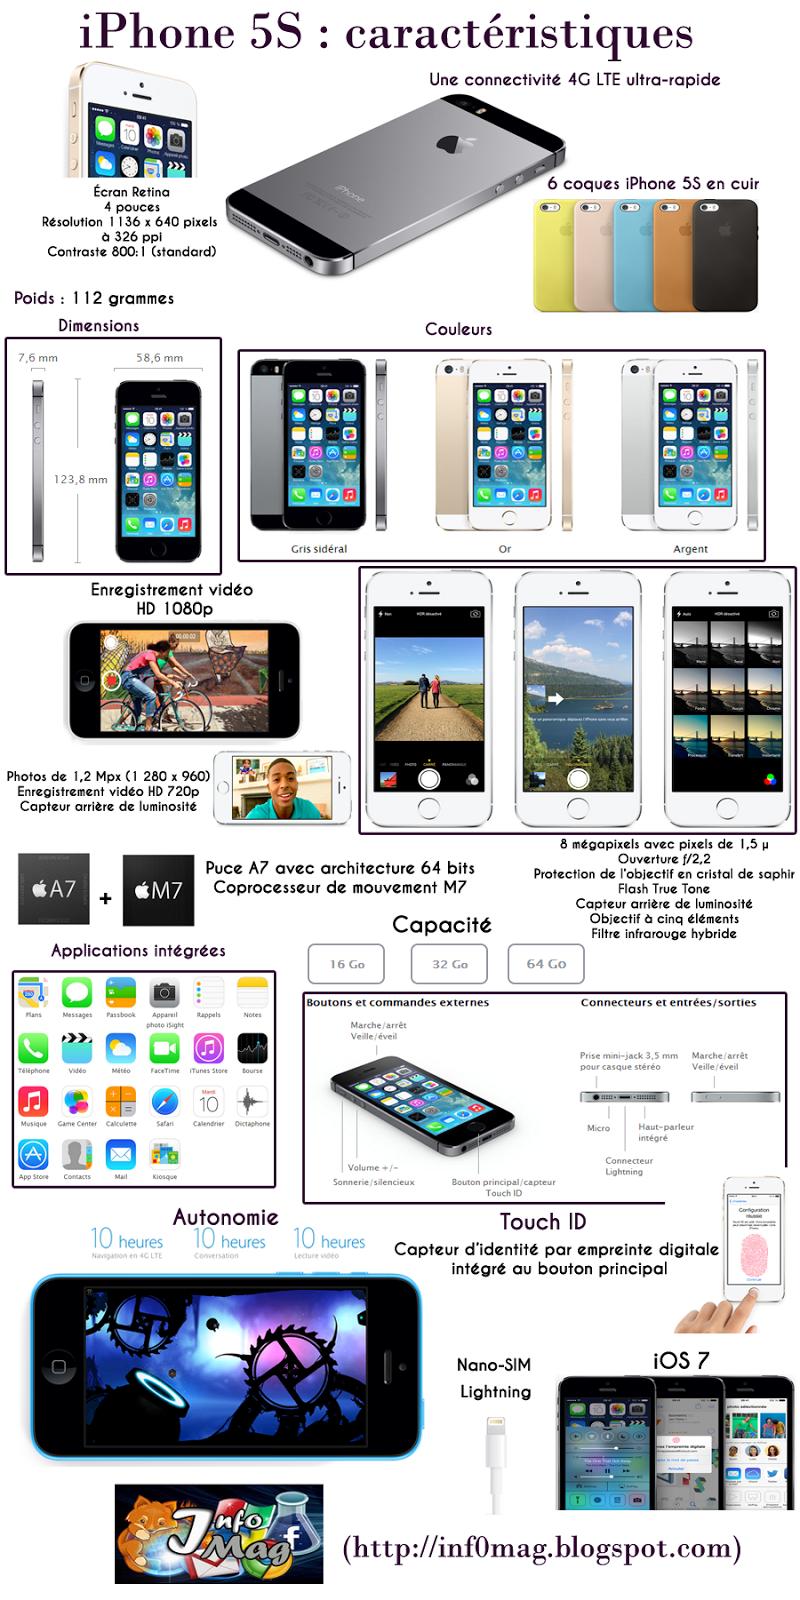 iphone 5s les caract ristiques techniques en une image info magazine. Black Bedroom Furniture Sets. Home Design Ideas